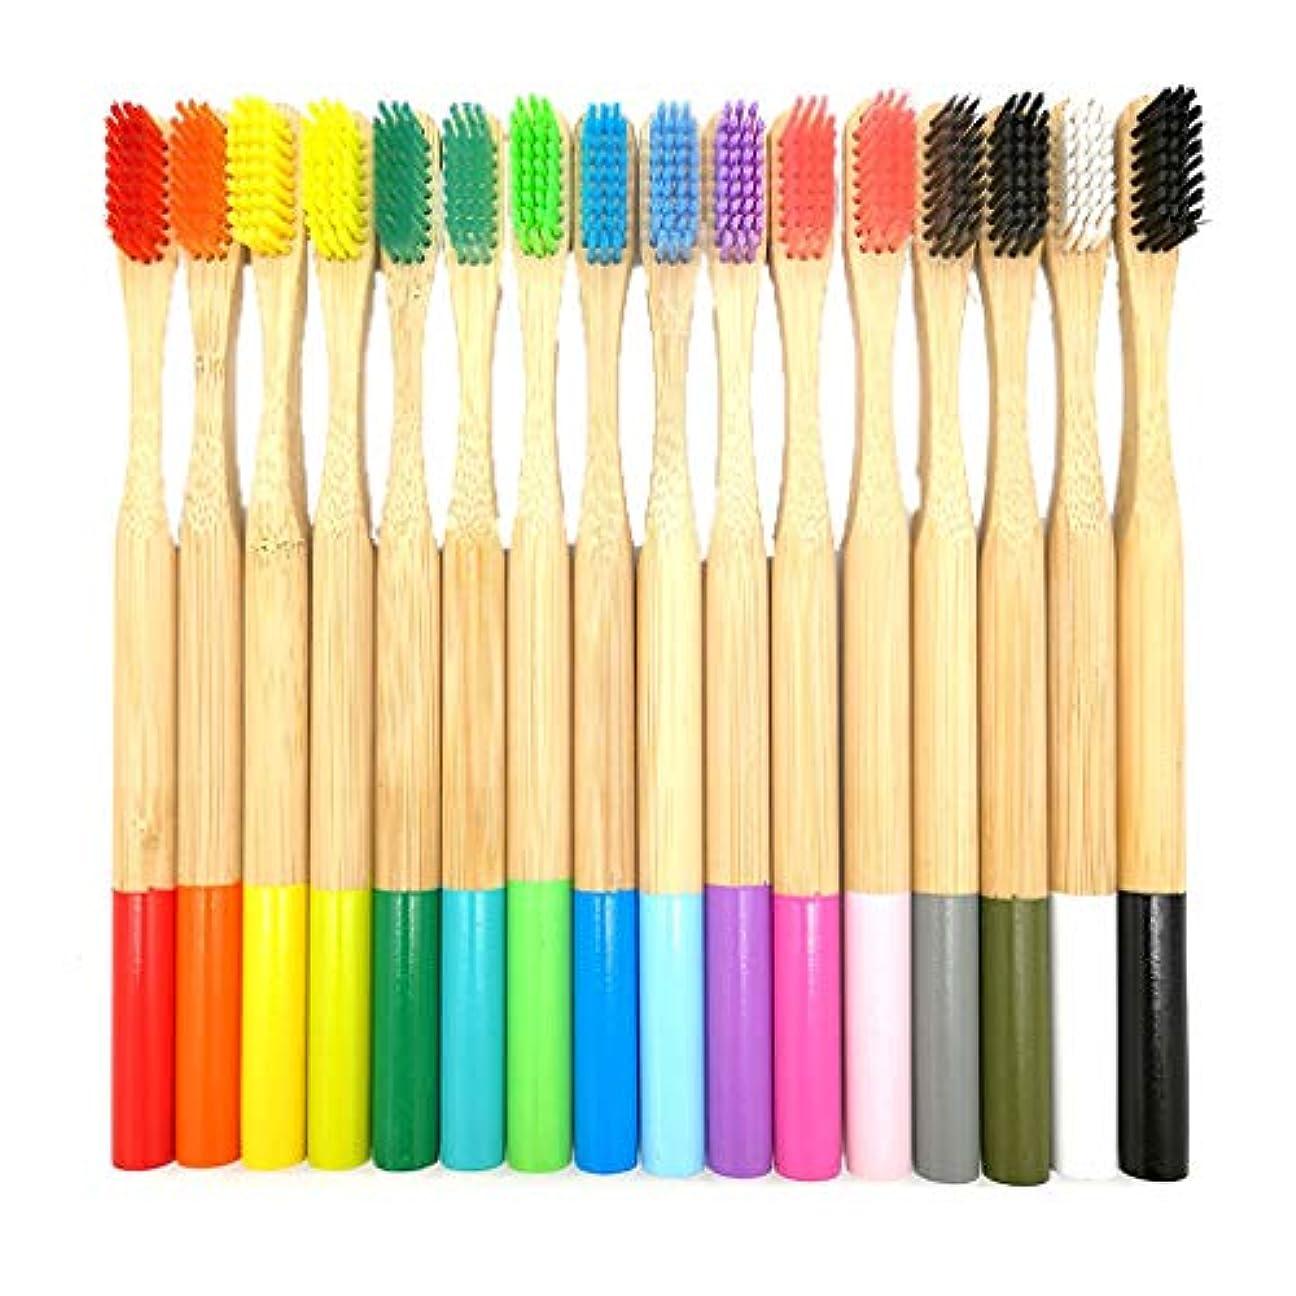 賞賛するパトワご覧くださいLazayyii 成人 竹製の歯ブラシ オーラルケア 竹繊維 やわらかい歯ブラシ 人気16本 (マルチカラー)